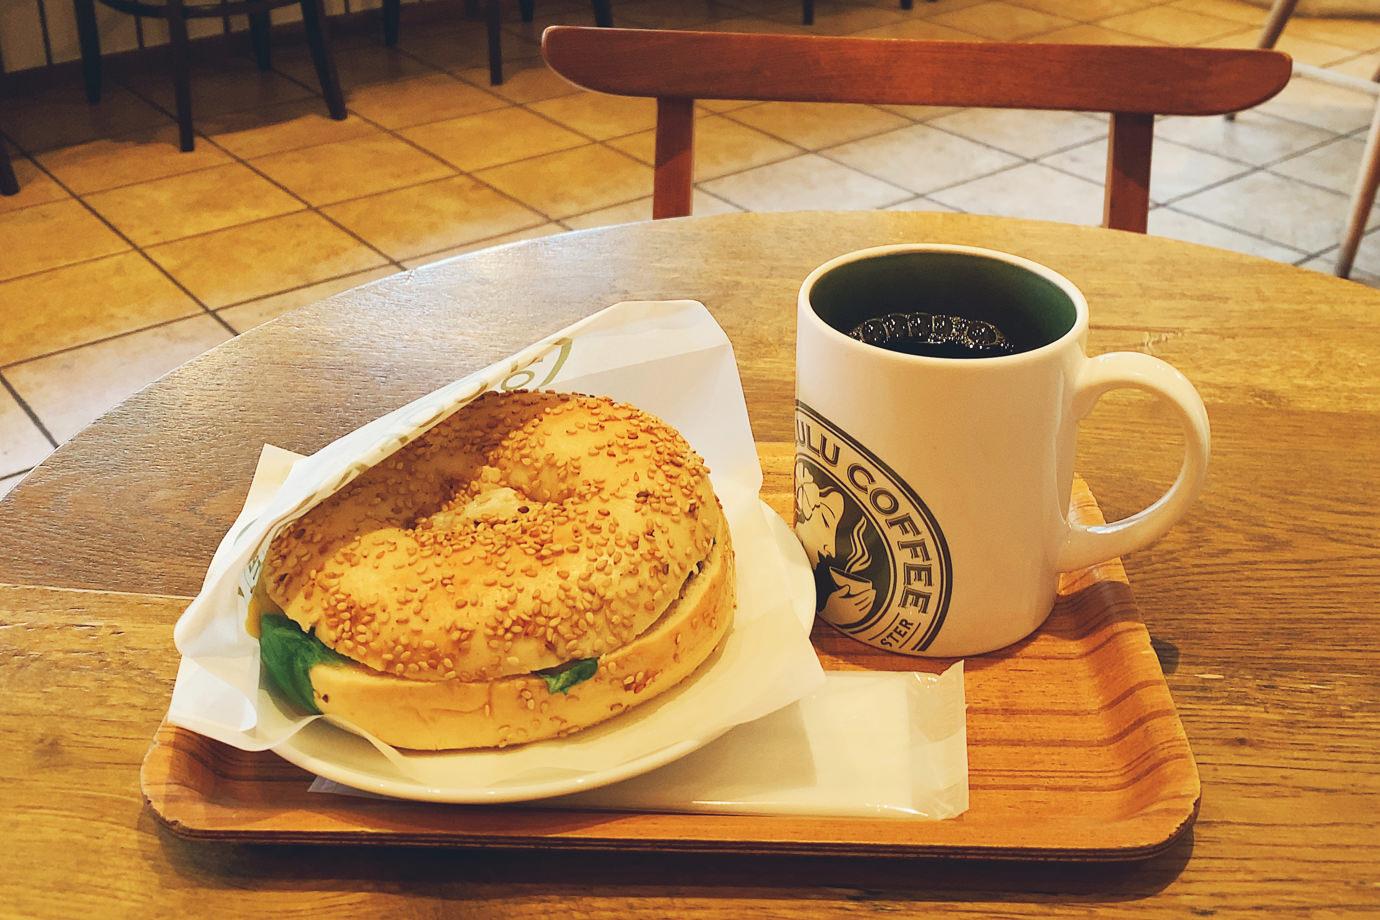 パストラミビーフチーズベーグルとマカダミアナッツフレーバーコーヒー